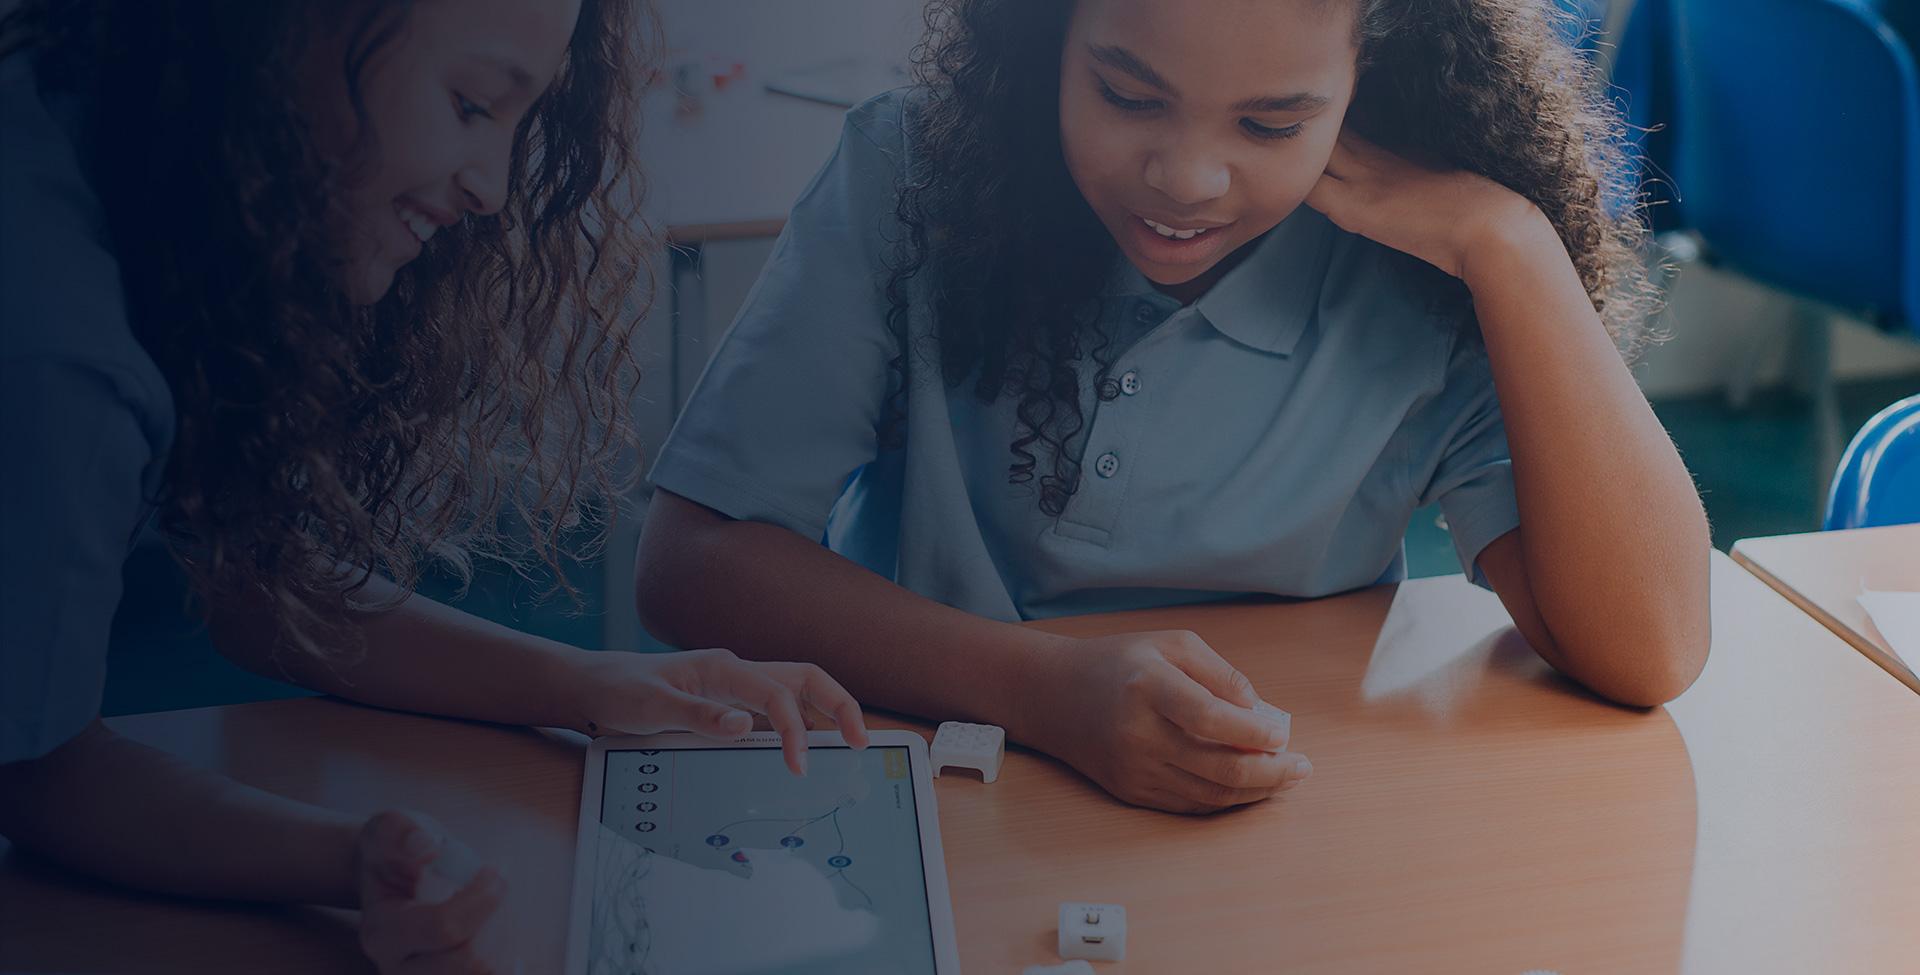 O que é a Educação STEAM?